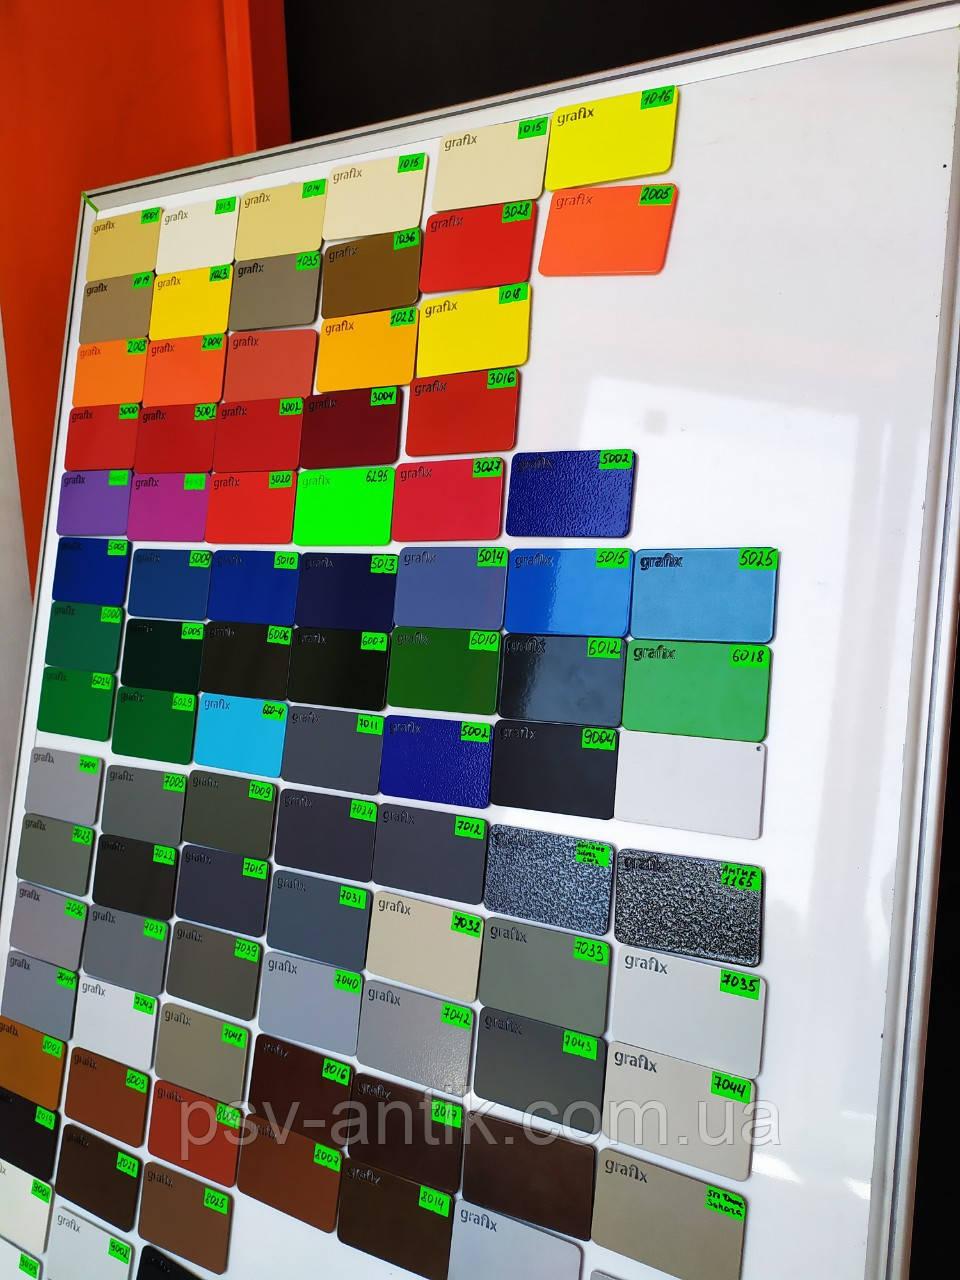 Порошковая краска матовая, полиэфирная, архитектурная, 5014